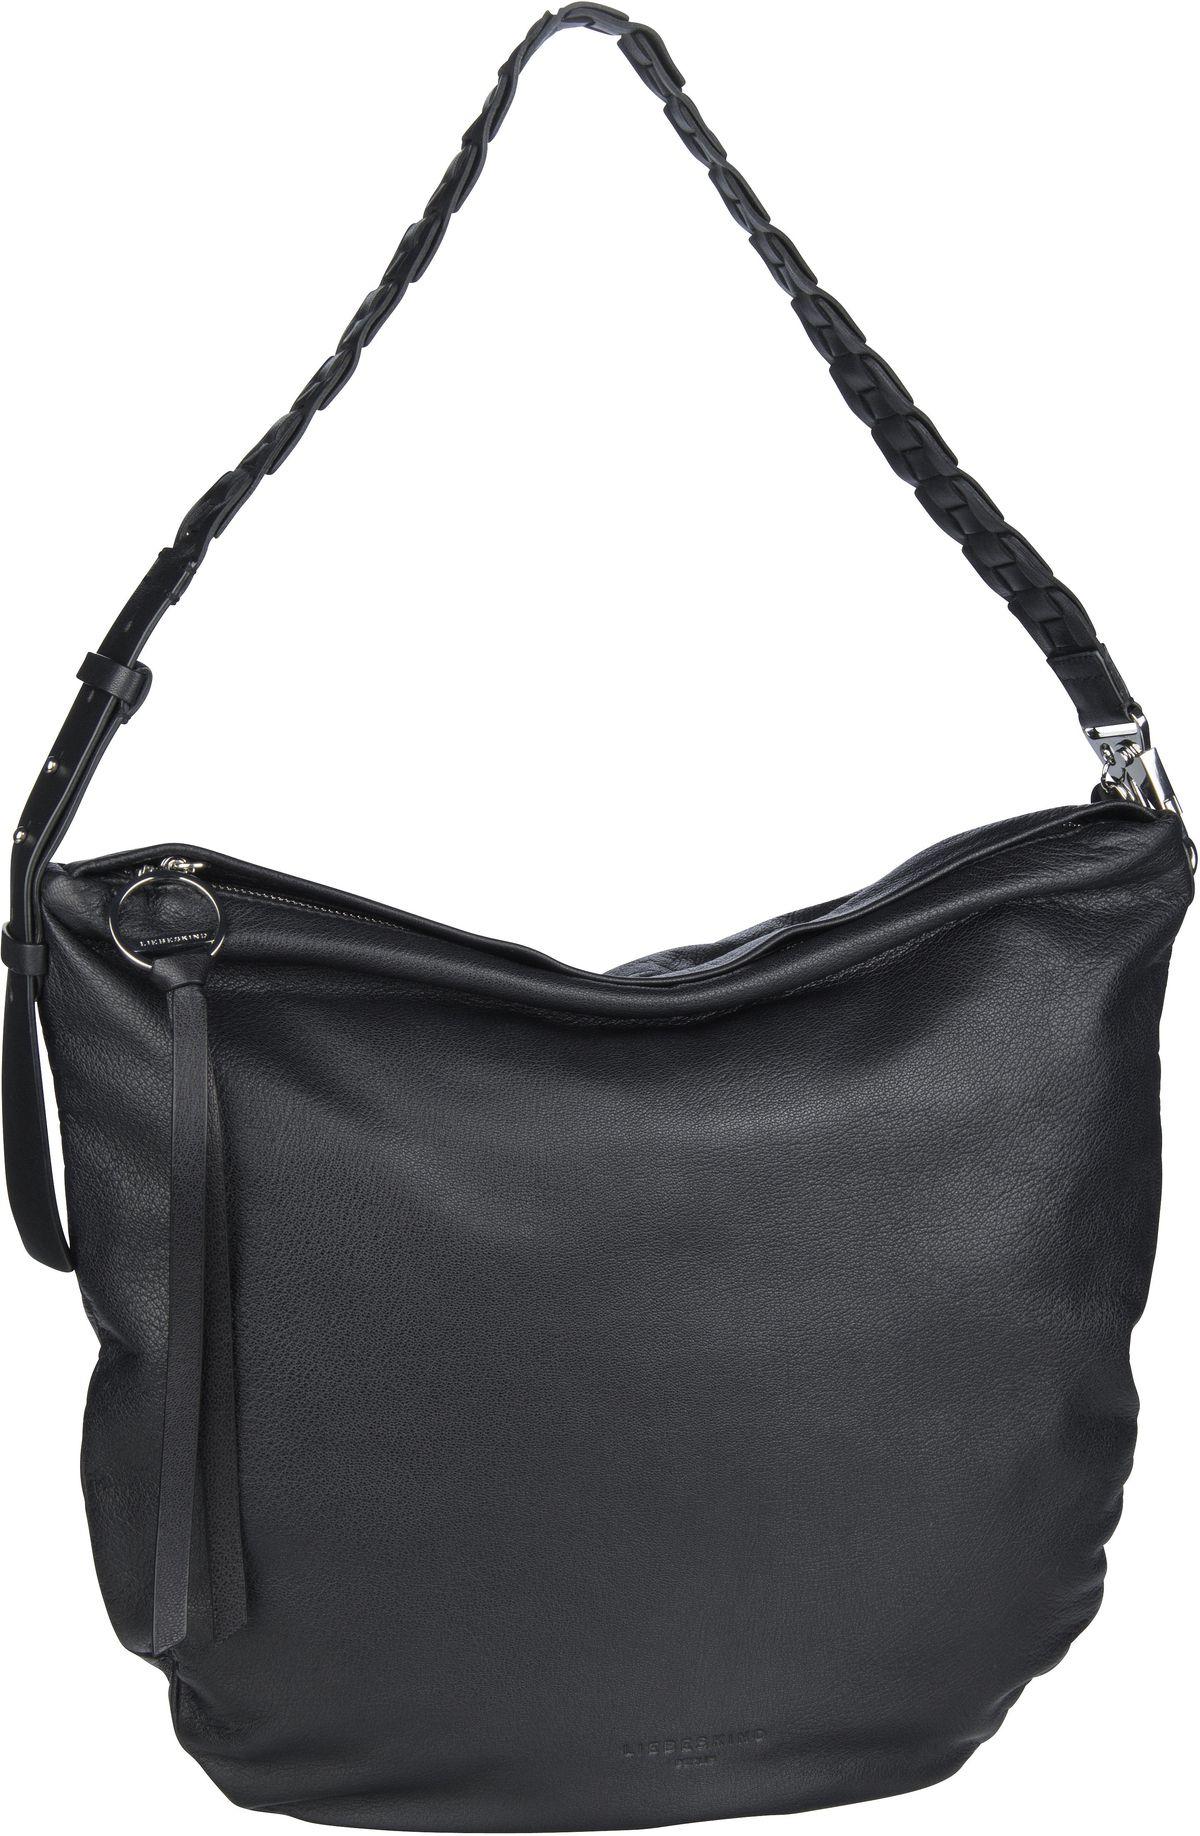 Berlin Handtasche Dive Bag 2 Hobo M Black